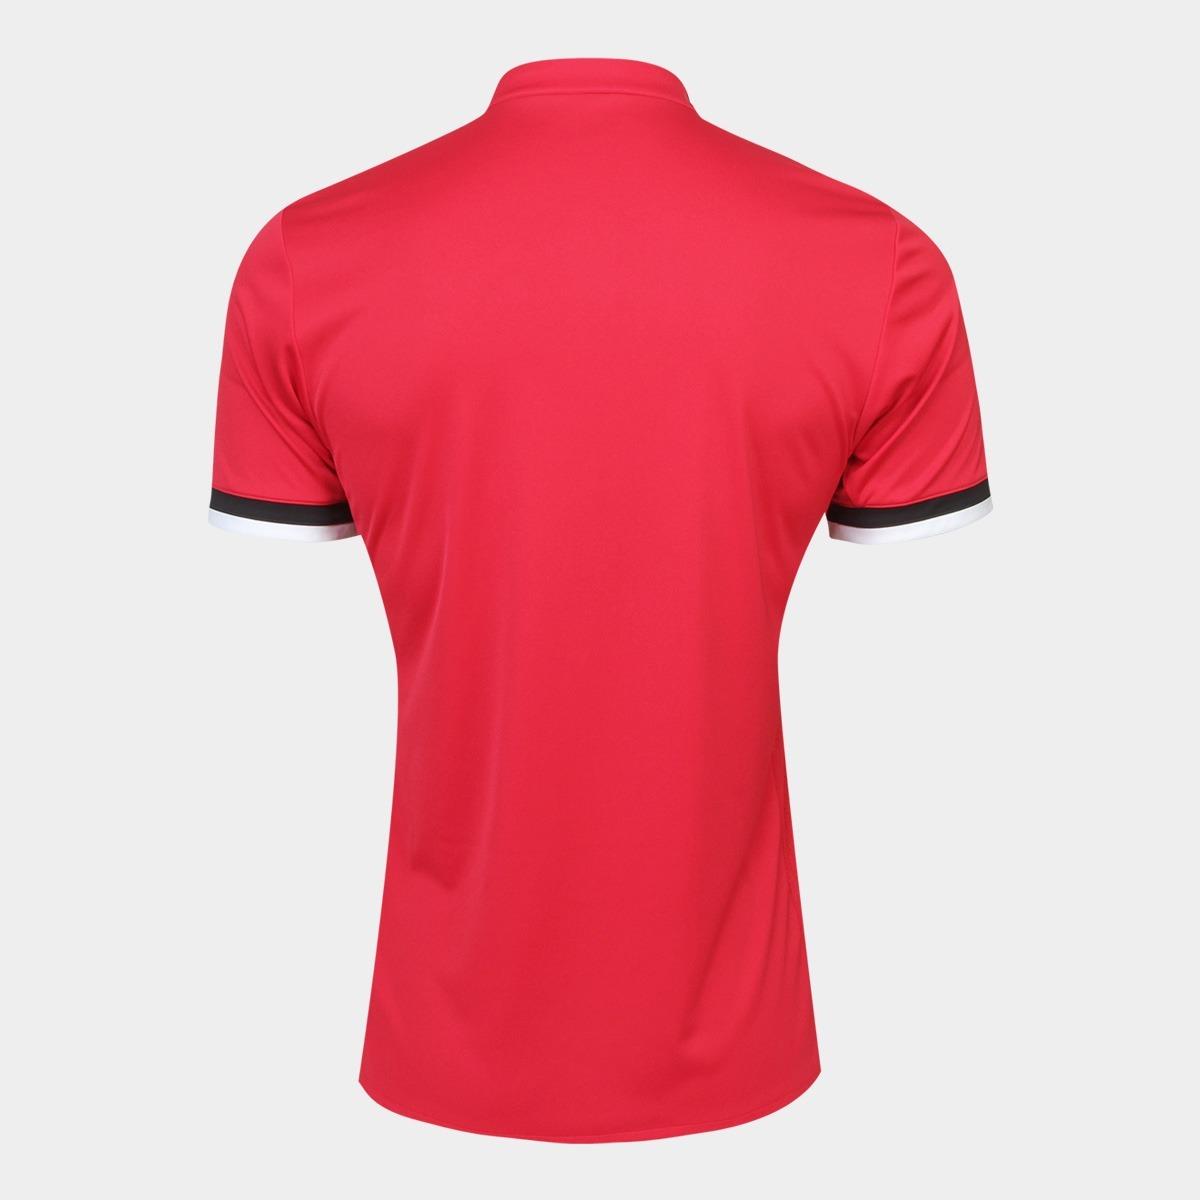 f1c80a3764 Camisa Manchester United Infantil Tamanho 11-12 Anos - R$ 109,00 em ...